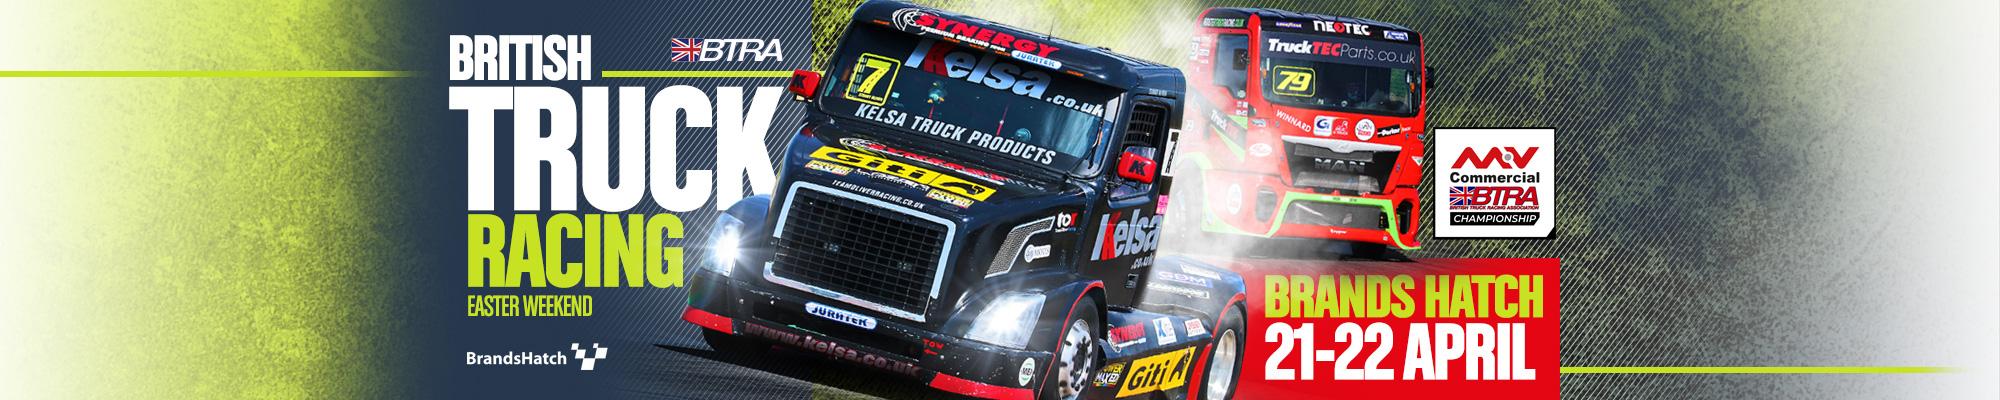 MSV Tickets - British Truck Racing - Brands Hatch